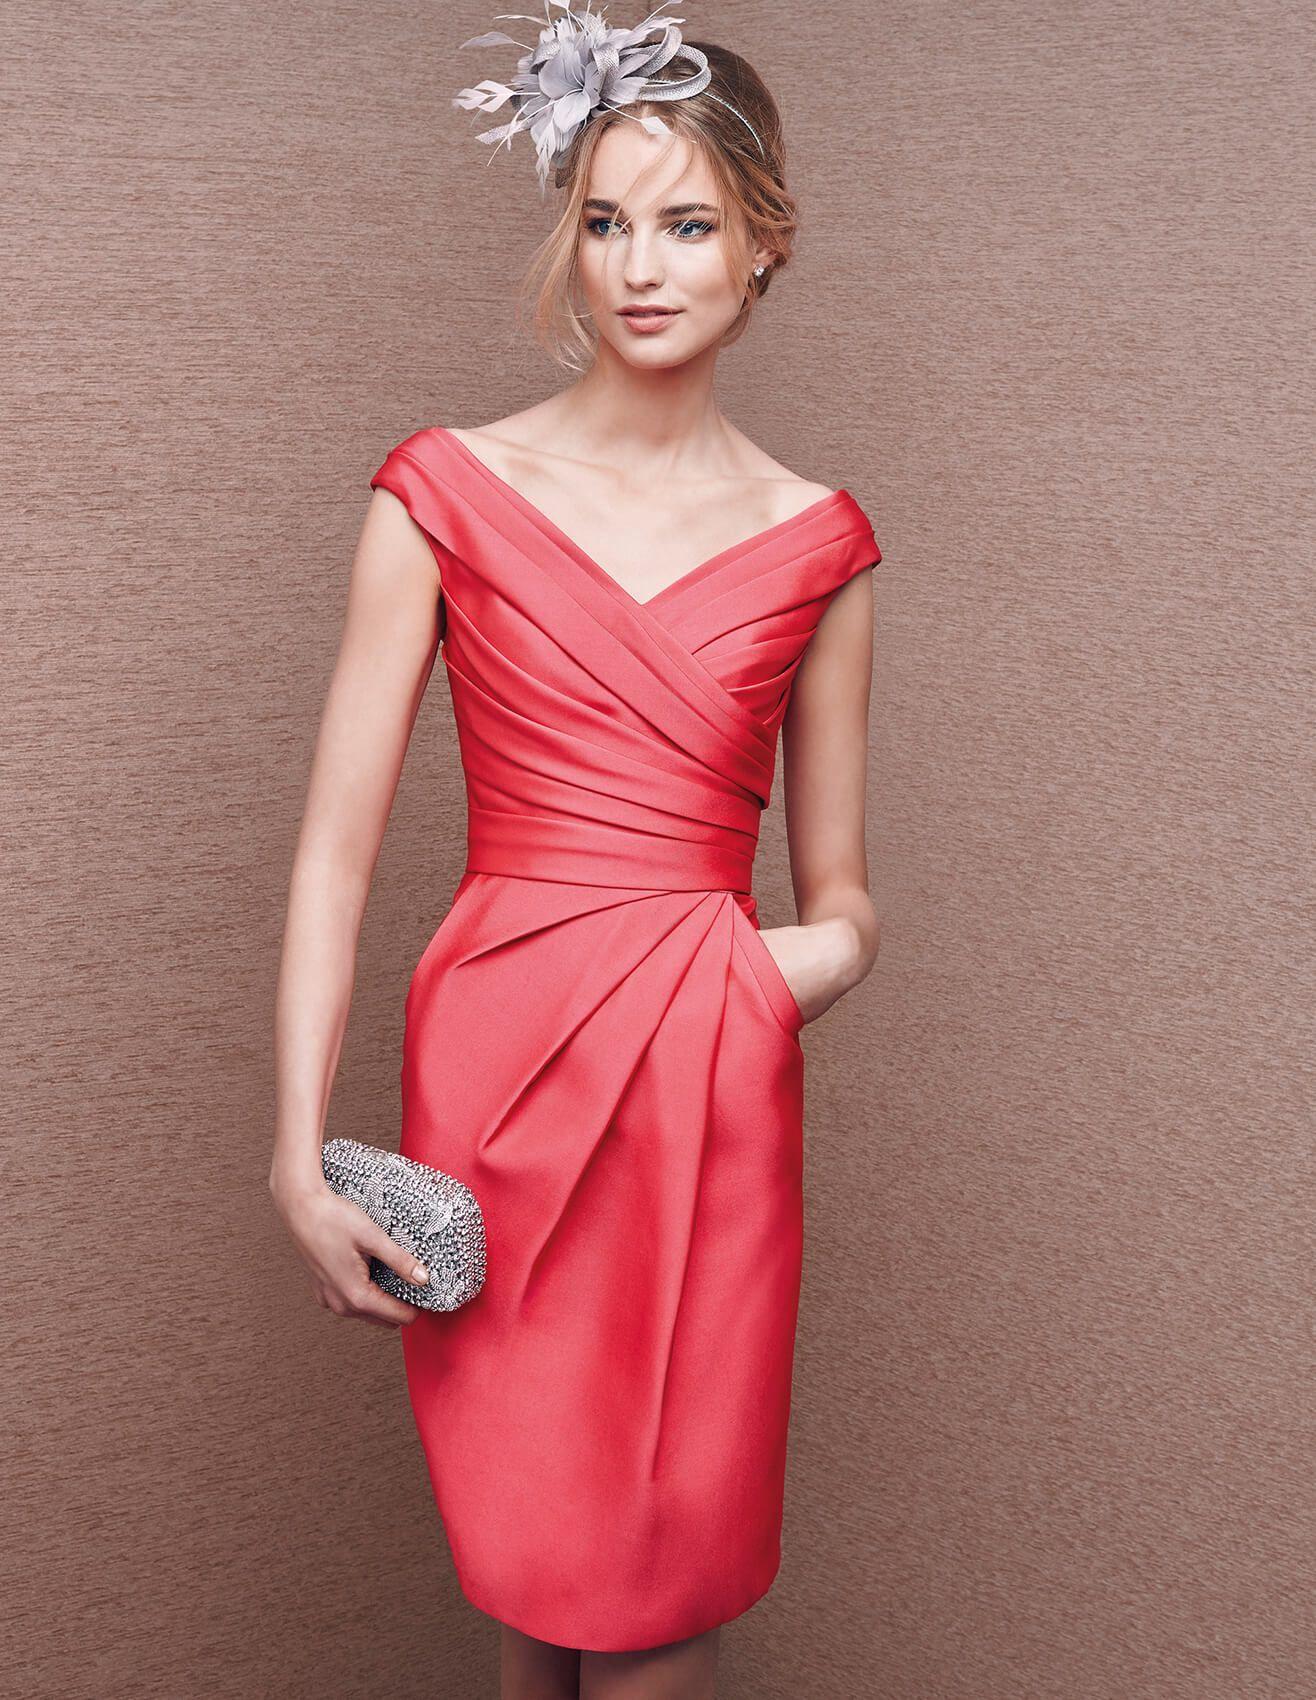 Vestidos cortos y elegantes para ir de boda | Vestidos de fiesta ...